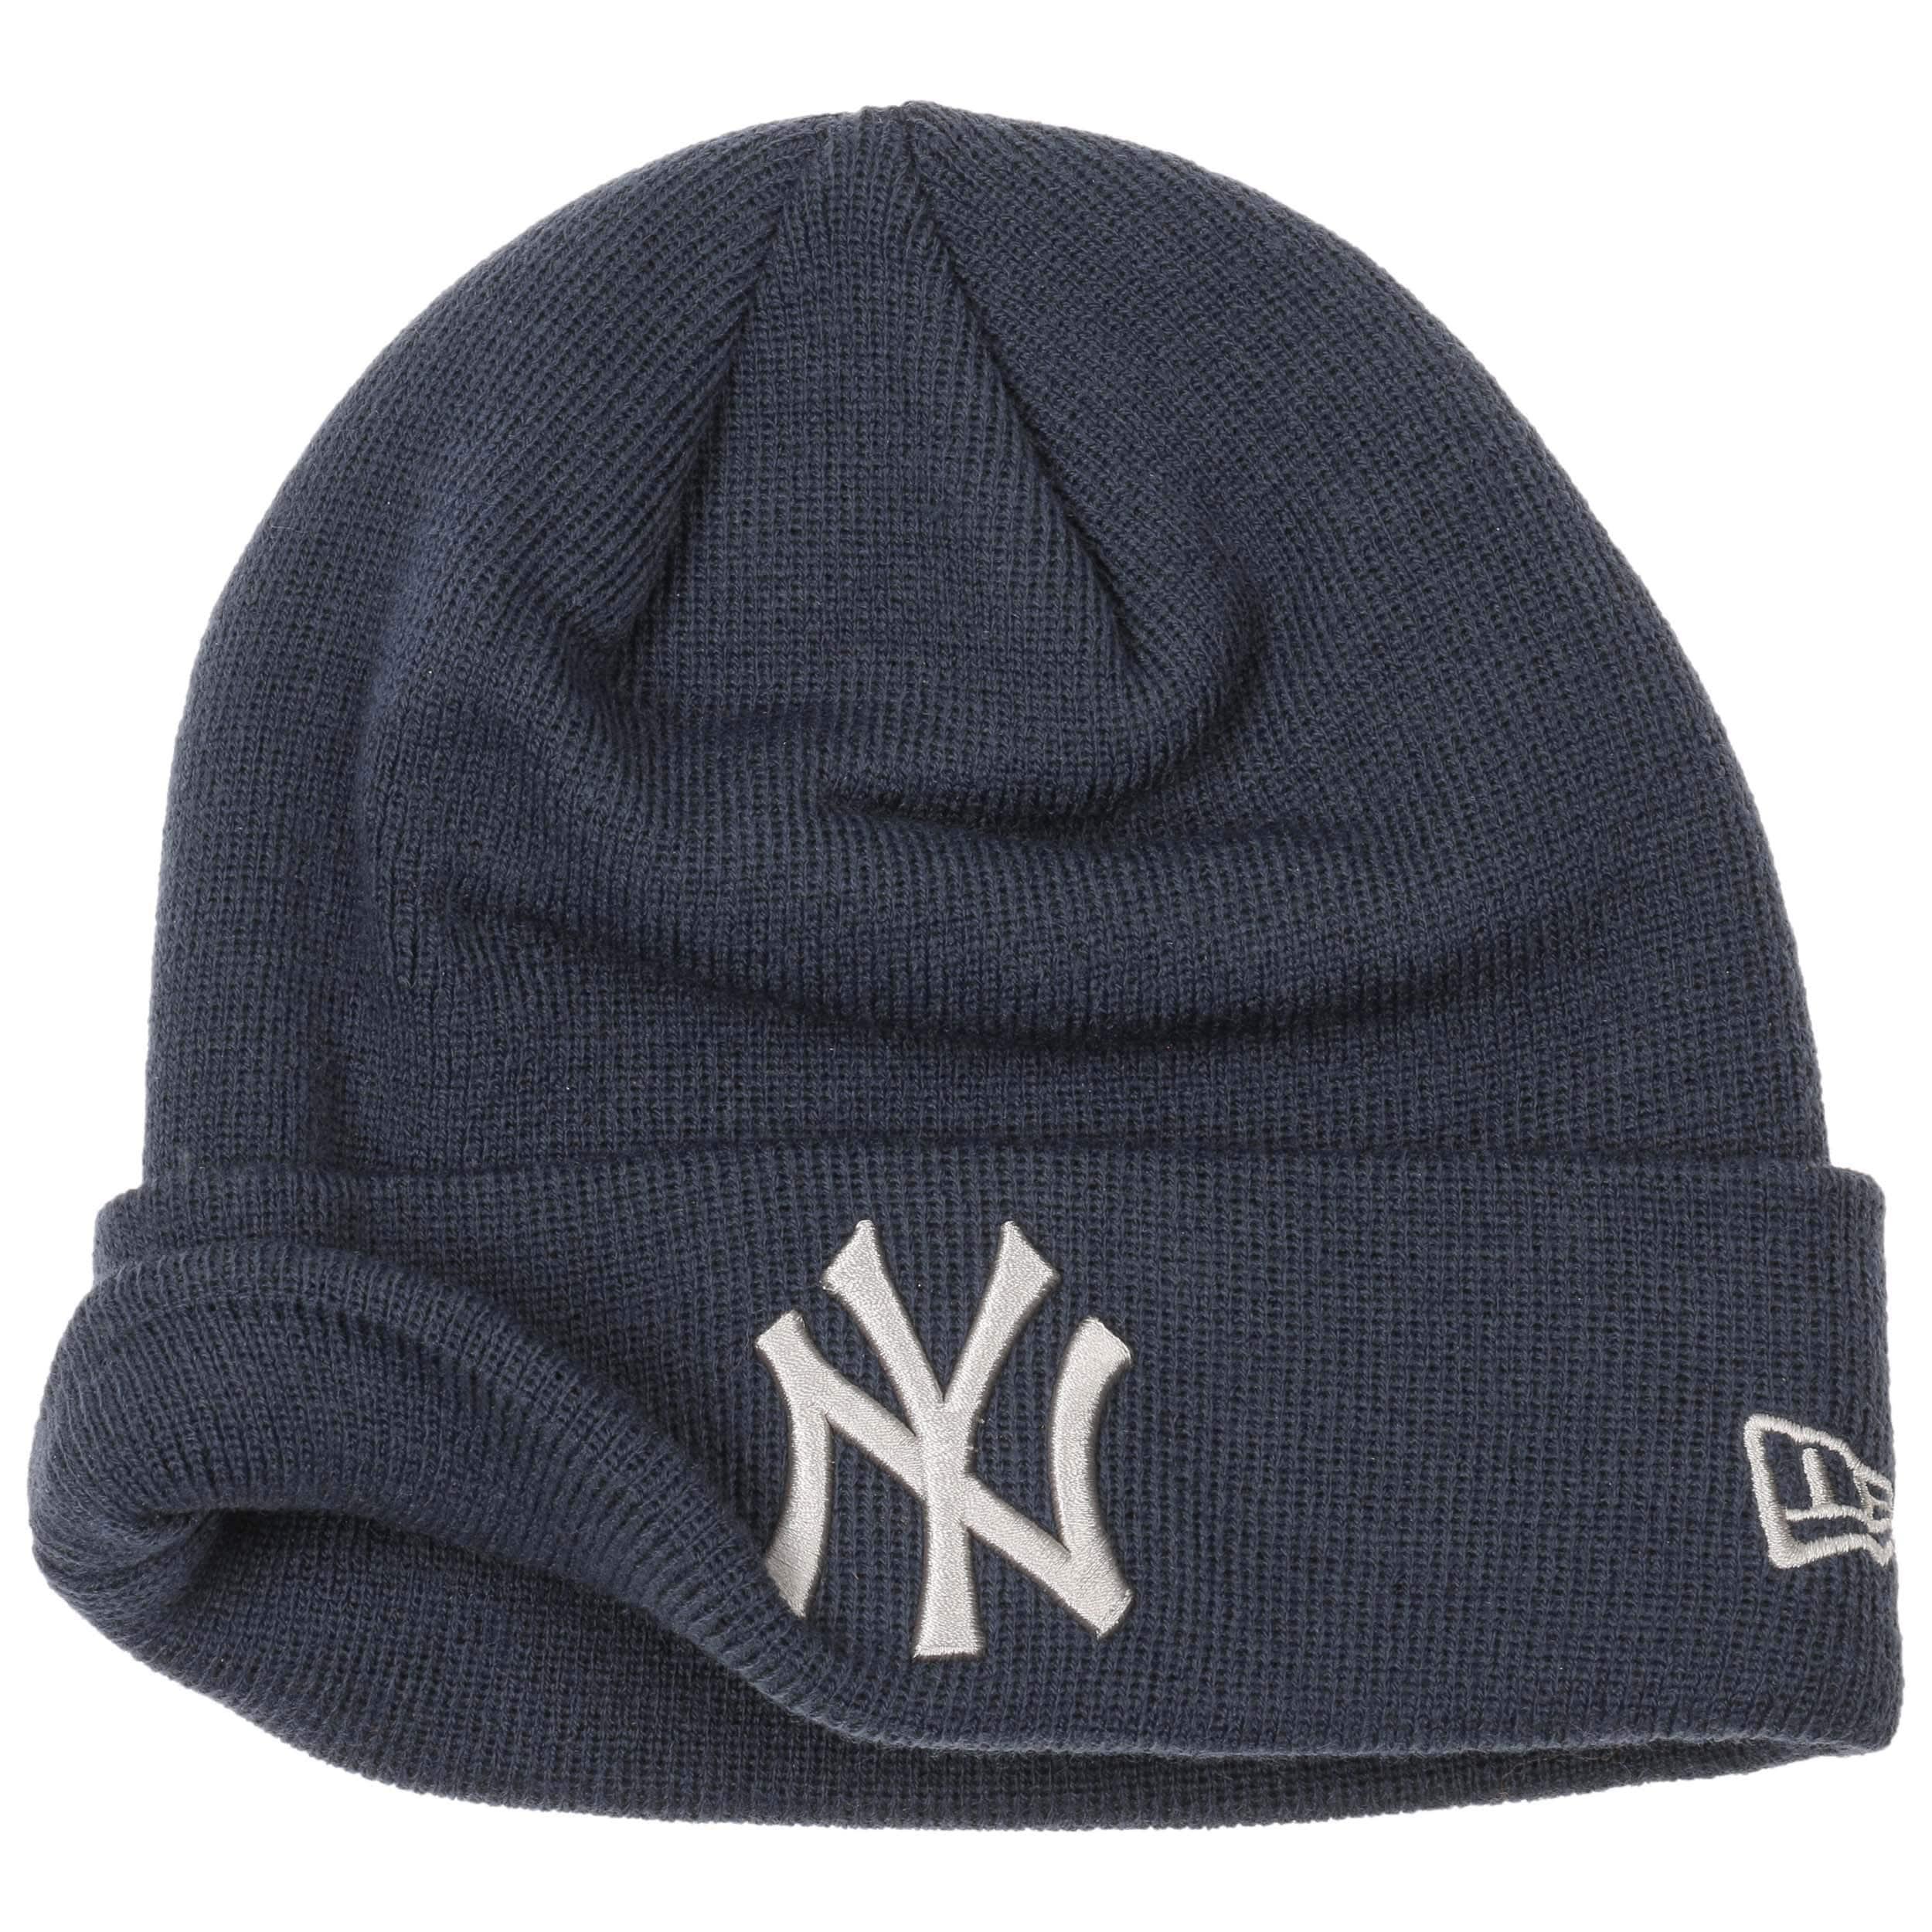 7e49334d25282 ... Gorro Beanie League Ess Cuff Yankees by New Era - azul oscuro 2 ...